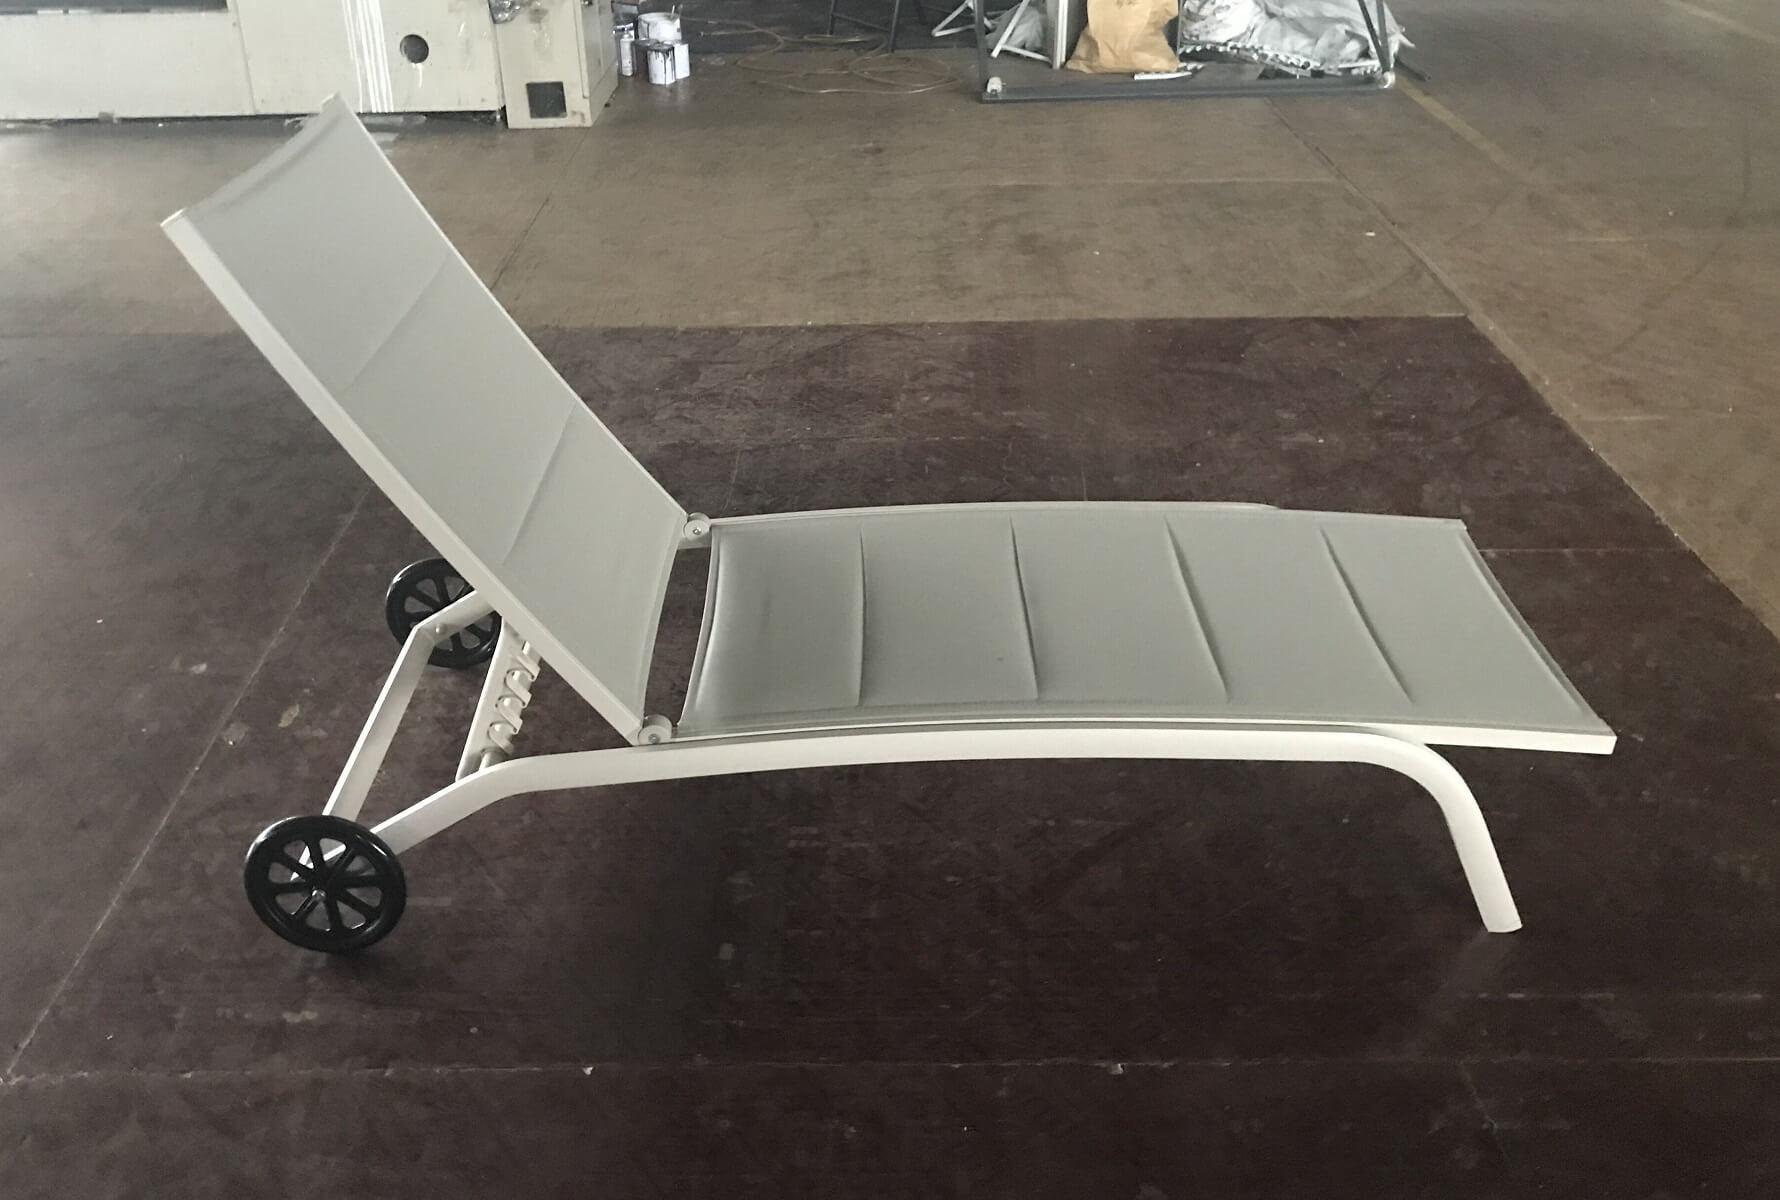 מיטת שיזוף עם גלגלים דגם SUNSET - תמונה 2